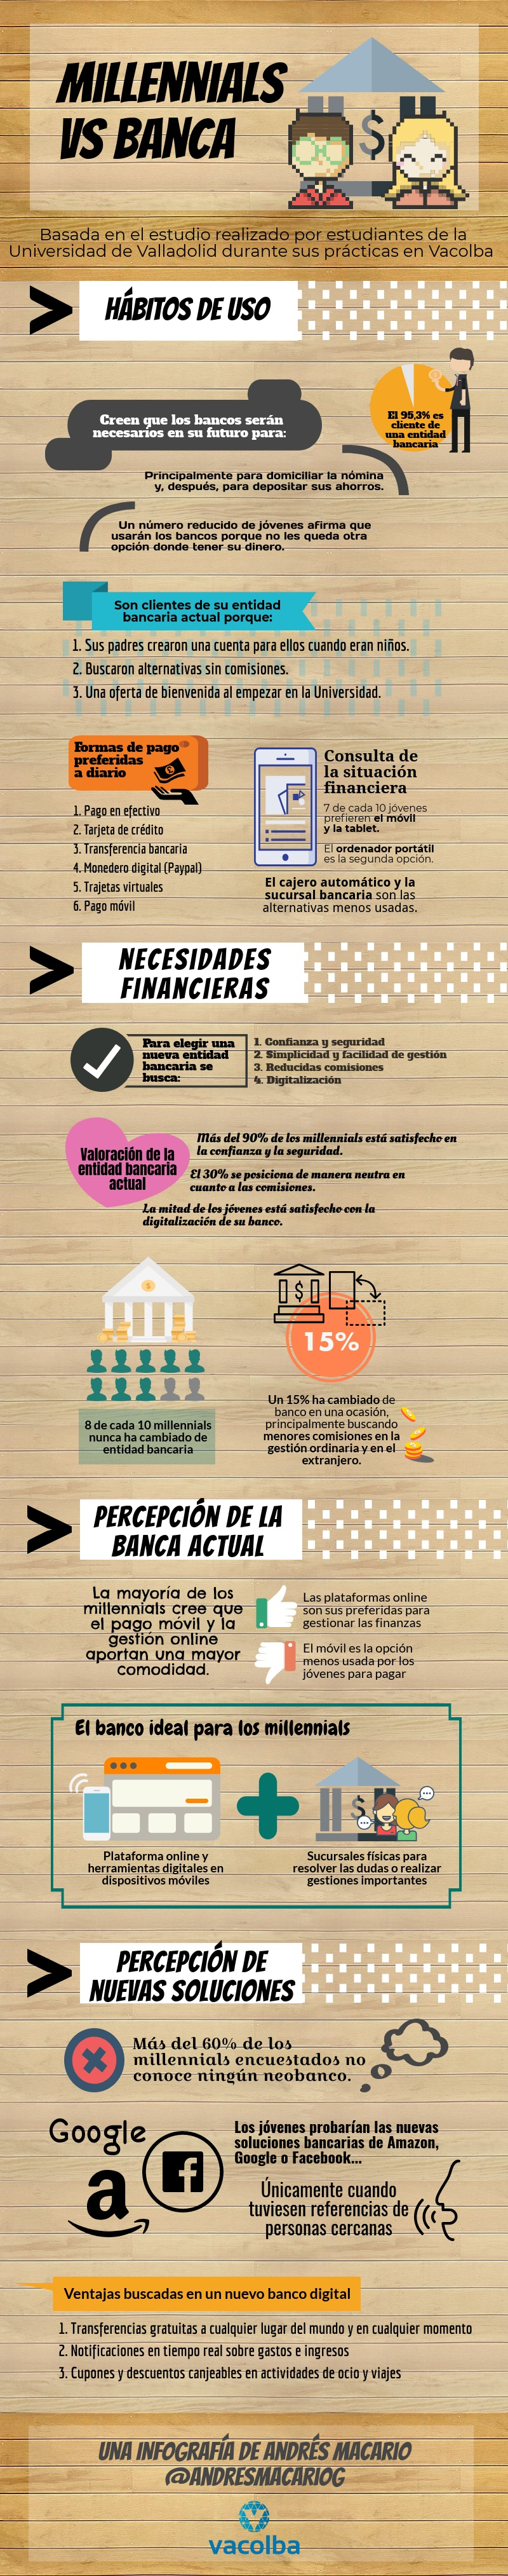 Millennials vs Banca - infografía de Andrés Macario (Vacolba)